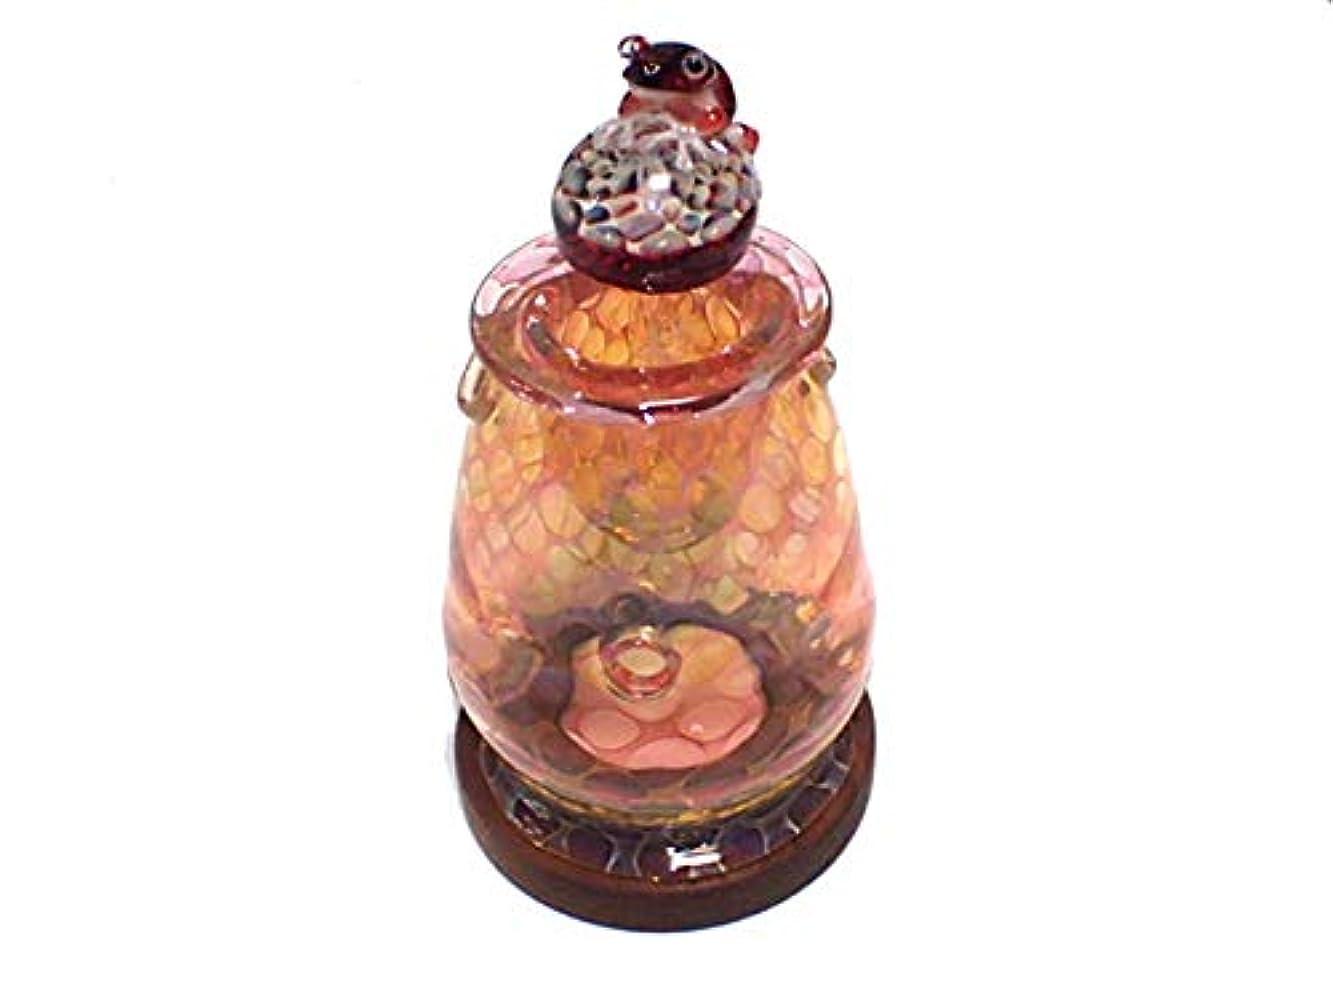 書くマリンメロドラマ『 アロマポット Frog on a Mshuroom 四 (台付き)』【 kengtaro ケンタロー 】 キノコ カエル 一点もの ボロシリケイトガラス 職人 作家 蛙 かえる フロッグ 高級 お香 リラックス